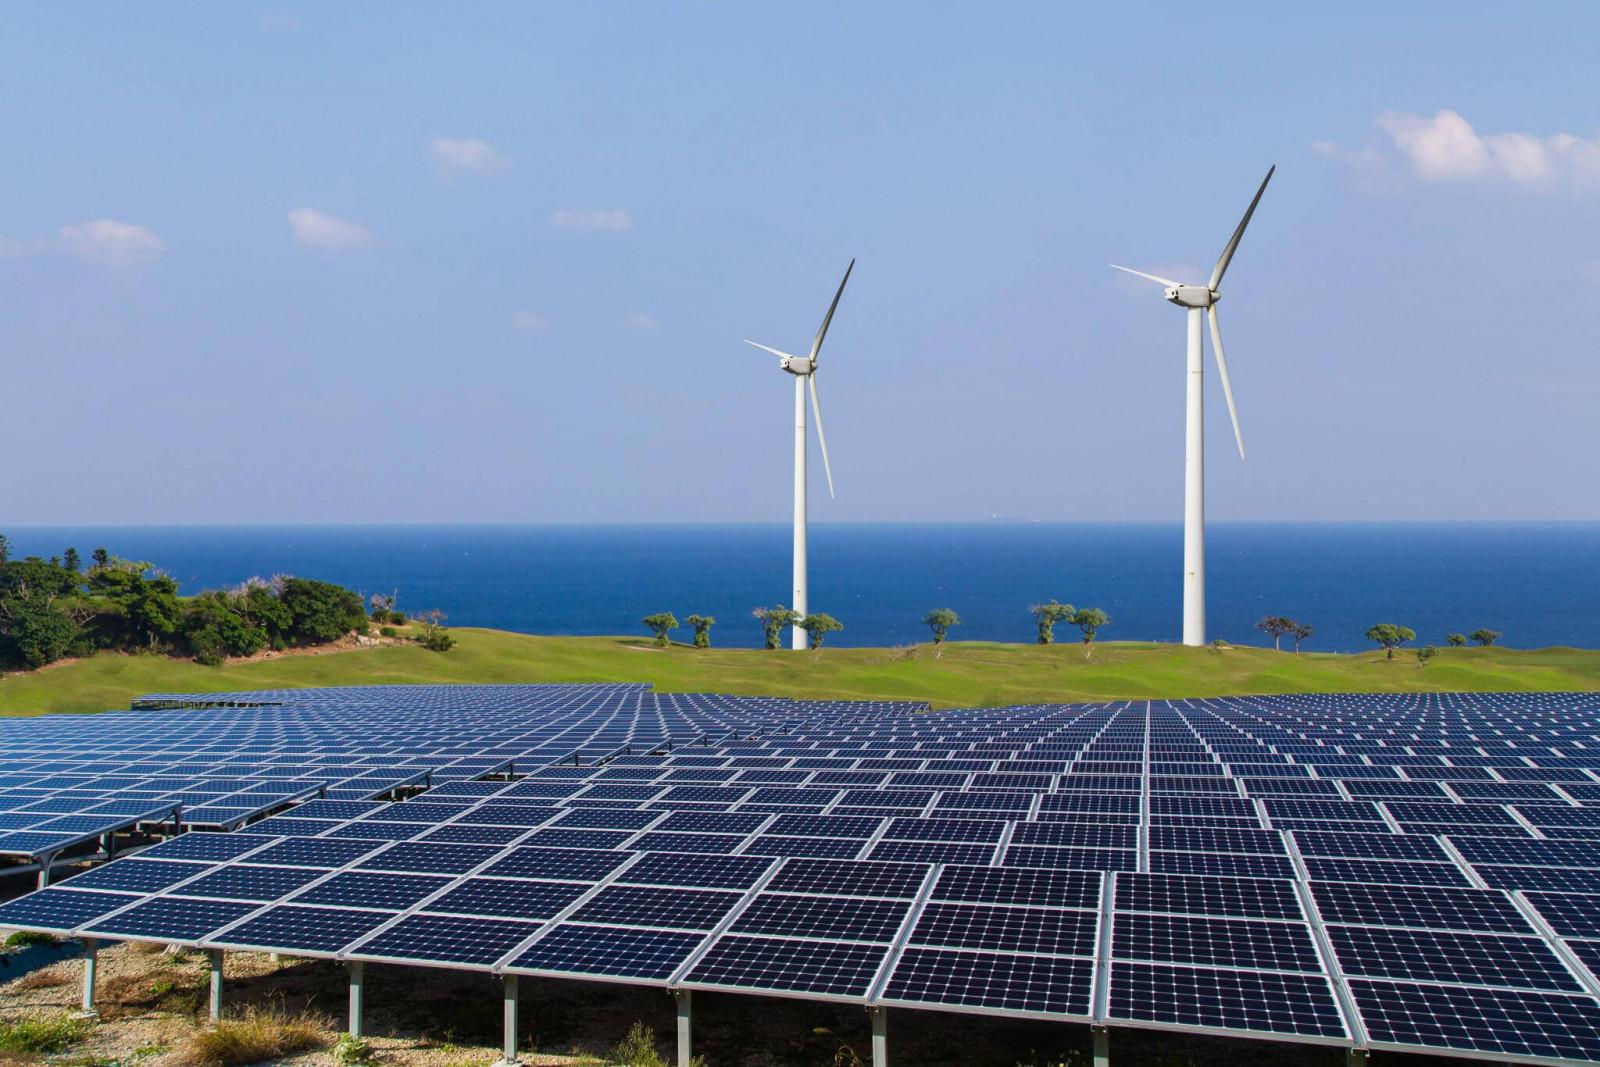 San Diago sẽ là thành phố lớn nhất ở Mỹ sử dụng 100% năng lượng tái tạo. (Ảnh Internet)